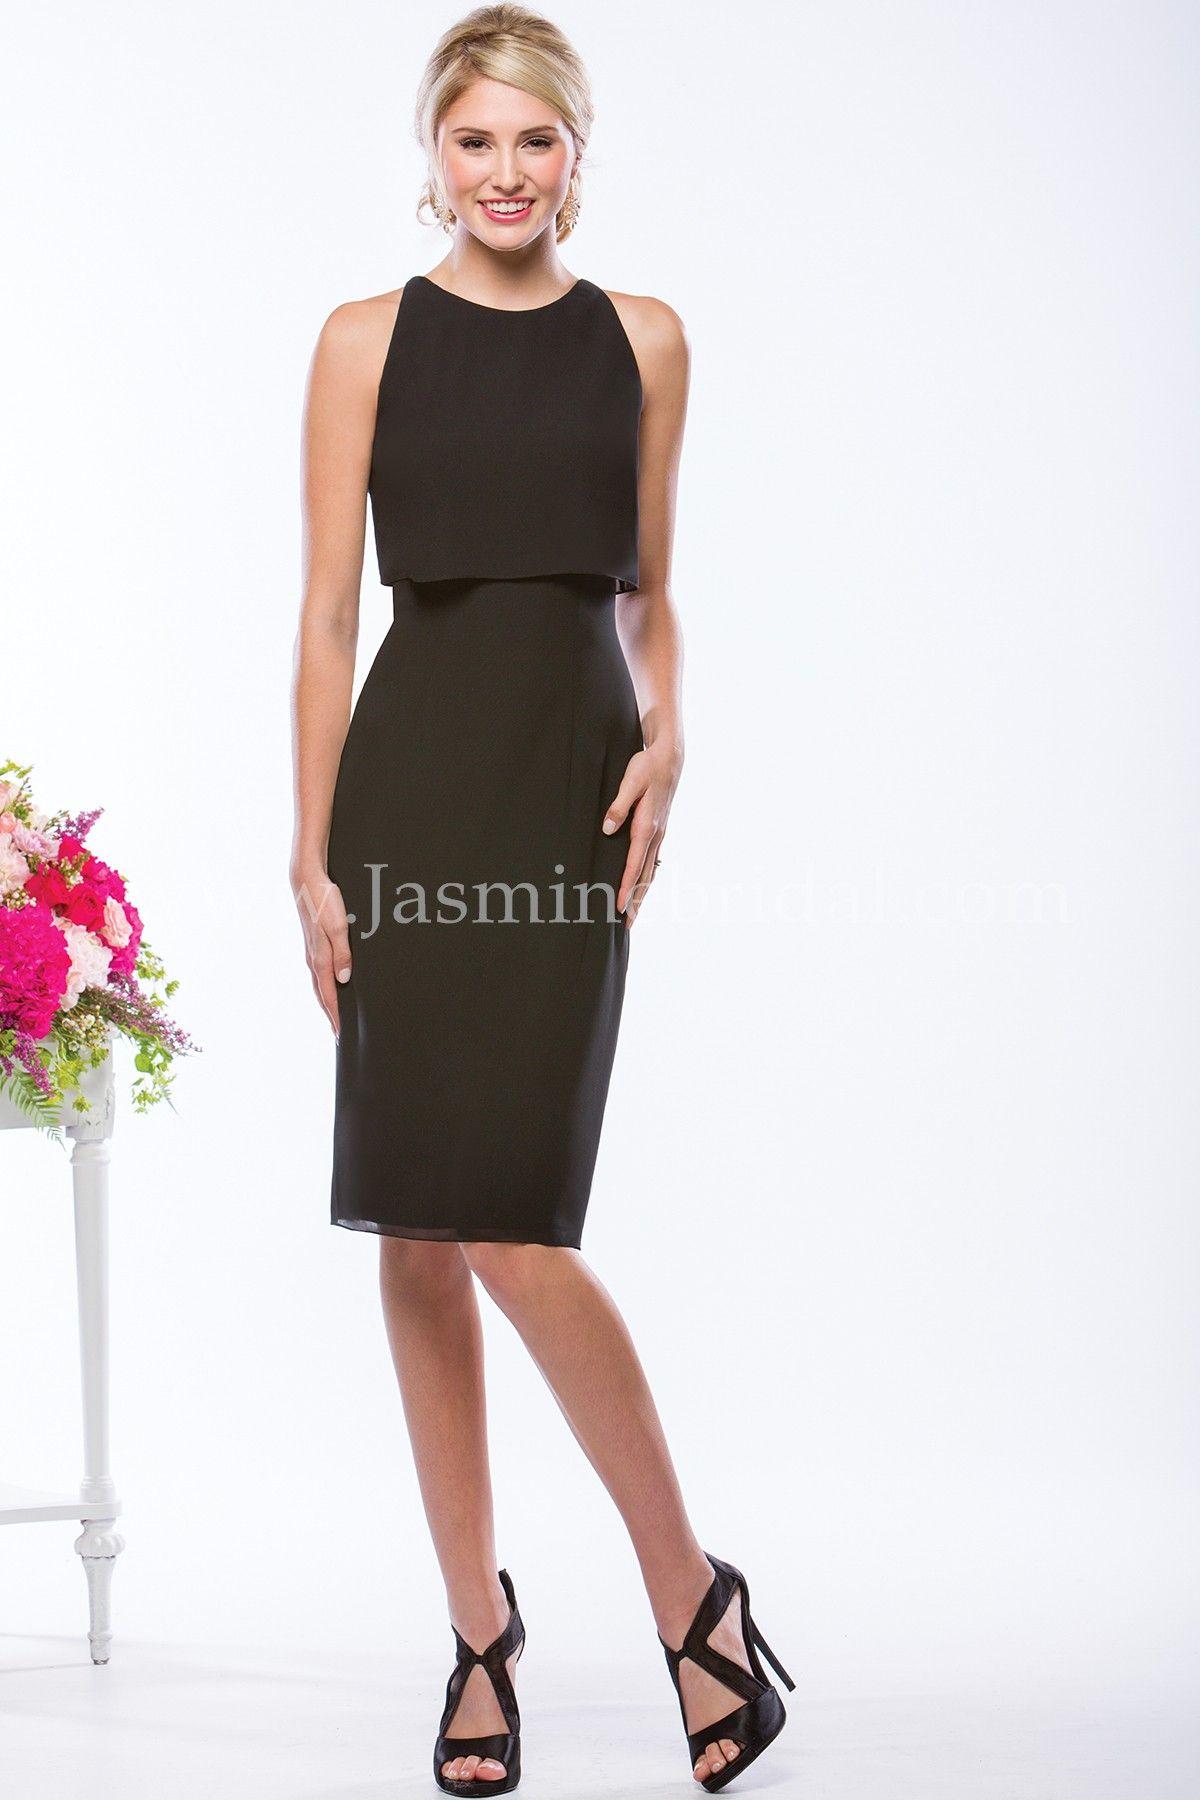 Jasmine bridal bridesmaid dress jasmine bridesmaids style p176057k jasmine bridal bridesmaid dress jasmine bridesmaids style p176057k in noir this sophisticated bridesmaid dress ombrellifo Images